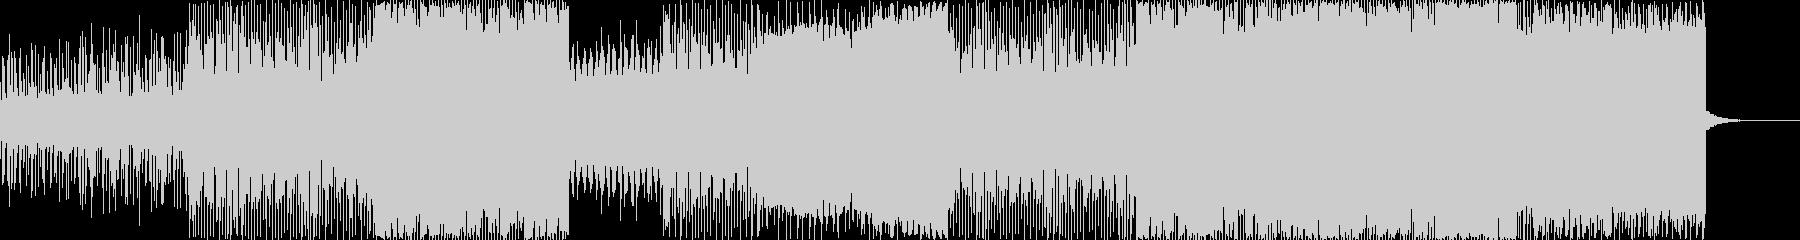 低音が響くシンセウェイブの未再生の波形